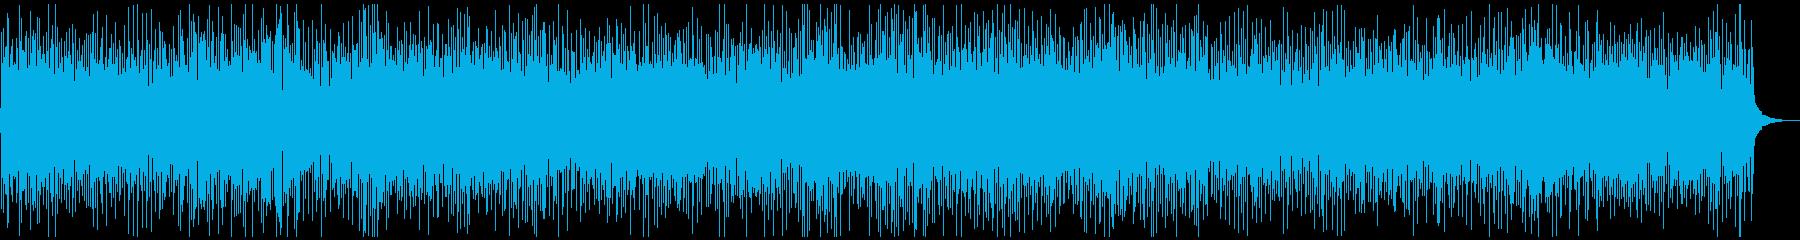 陽気なバンジョーソロ、ブルーグラスの再生済みの波形